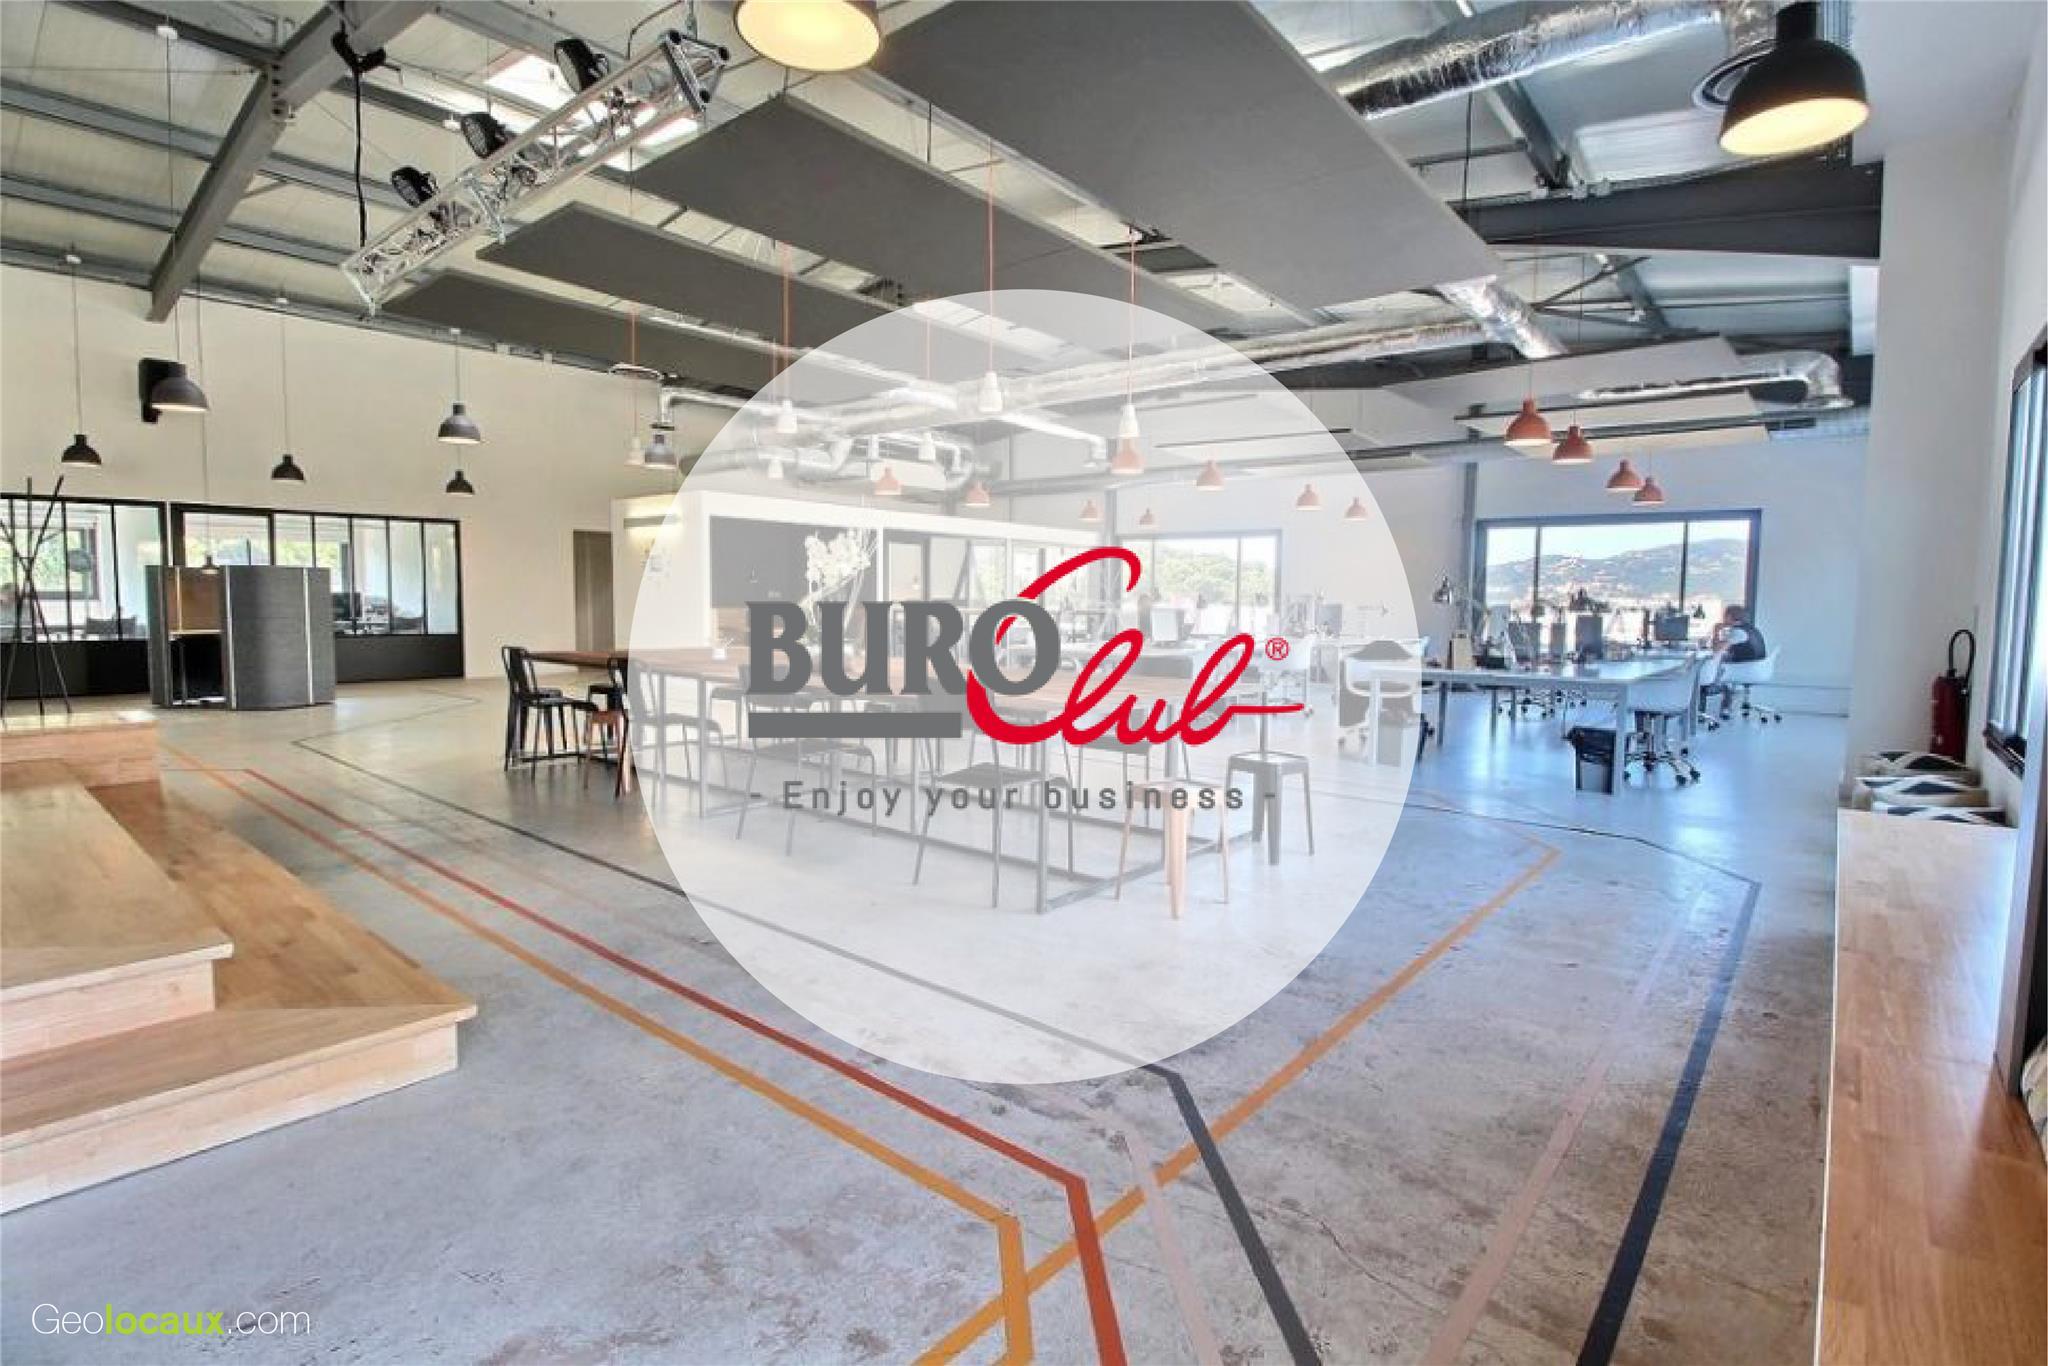 Buro Club centres d'affaires : les annonces sur Geolocaux